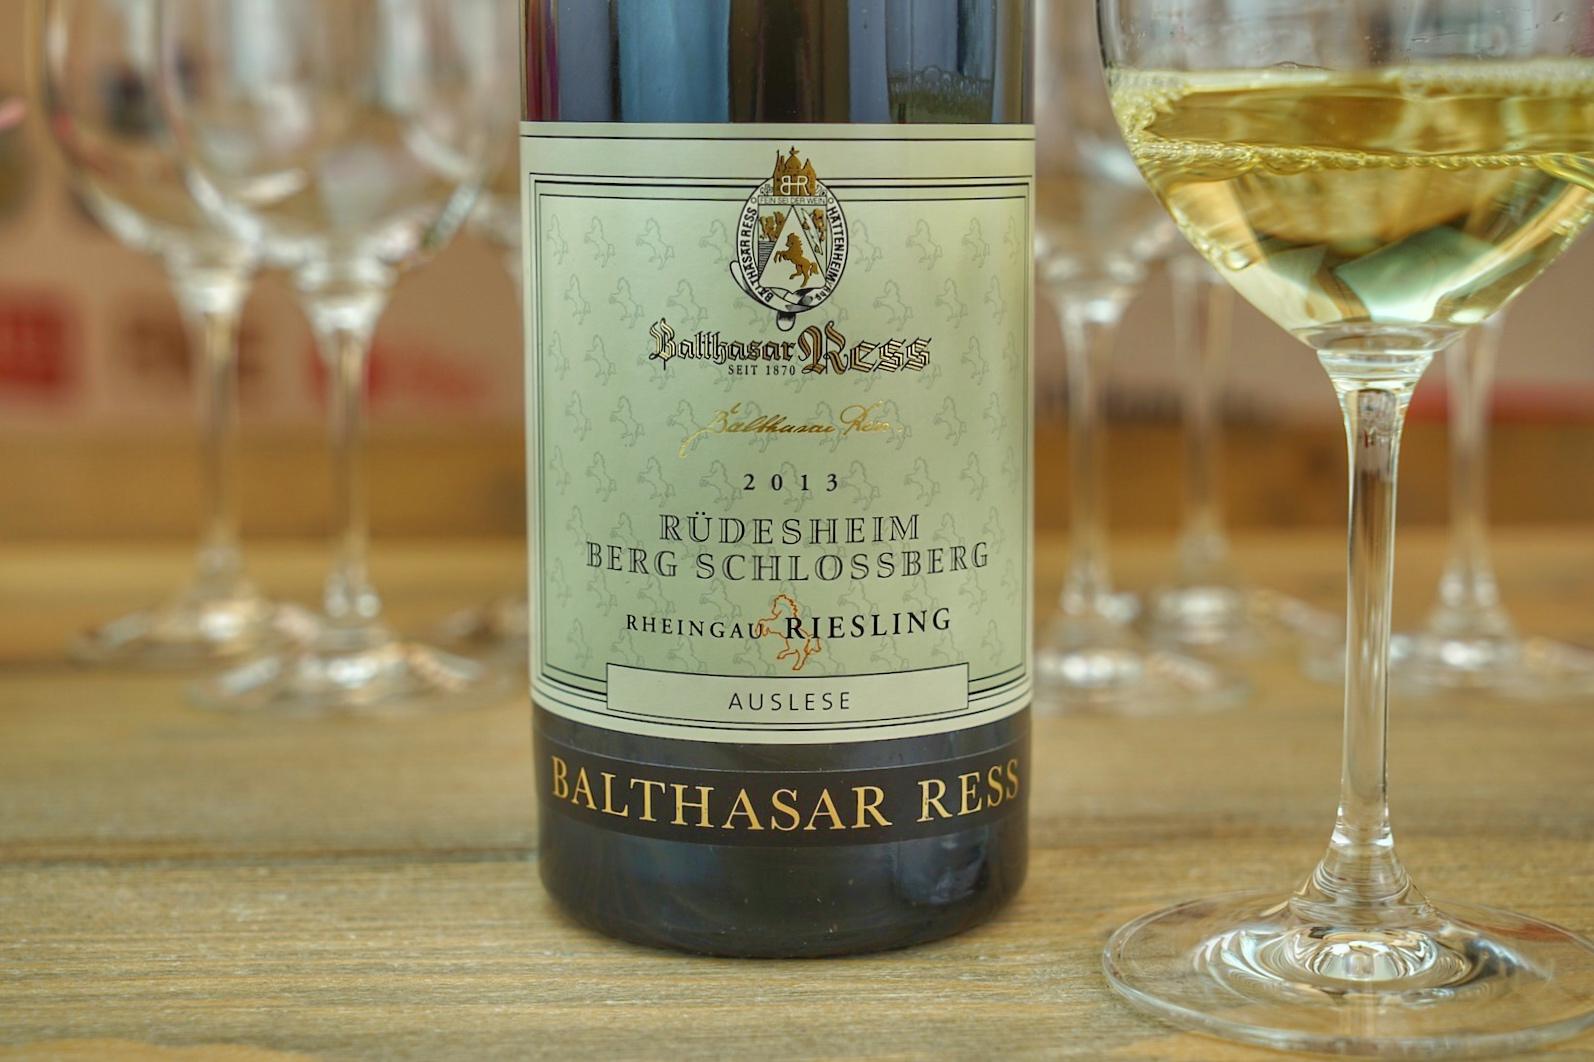 Nicht nur der 2011 Côtes du Jura vomChâteau d'Arlay harmonierte ausgezeichnet zum Brie Meaux, sondern auch die 2013 Rüdesheimer Berg Schlossberg Riesling Auslese